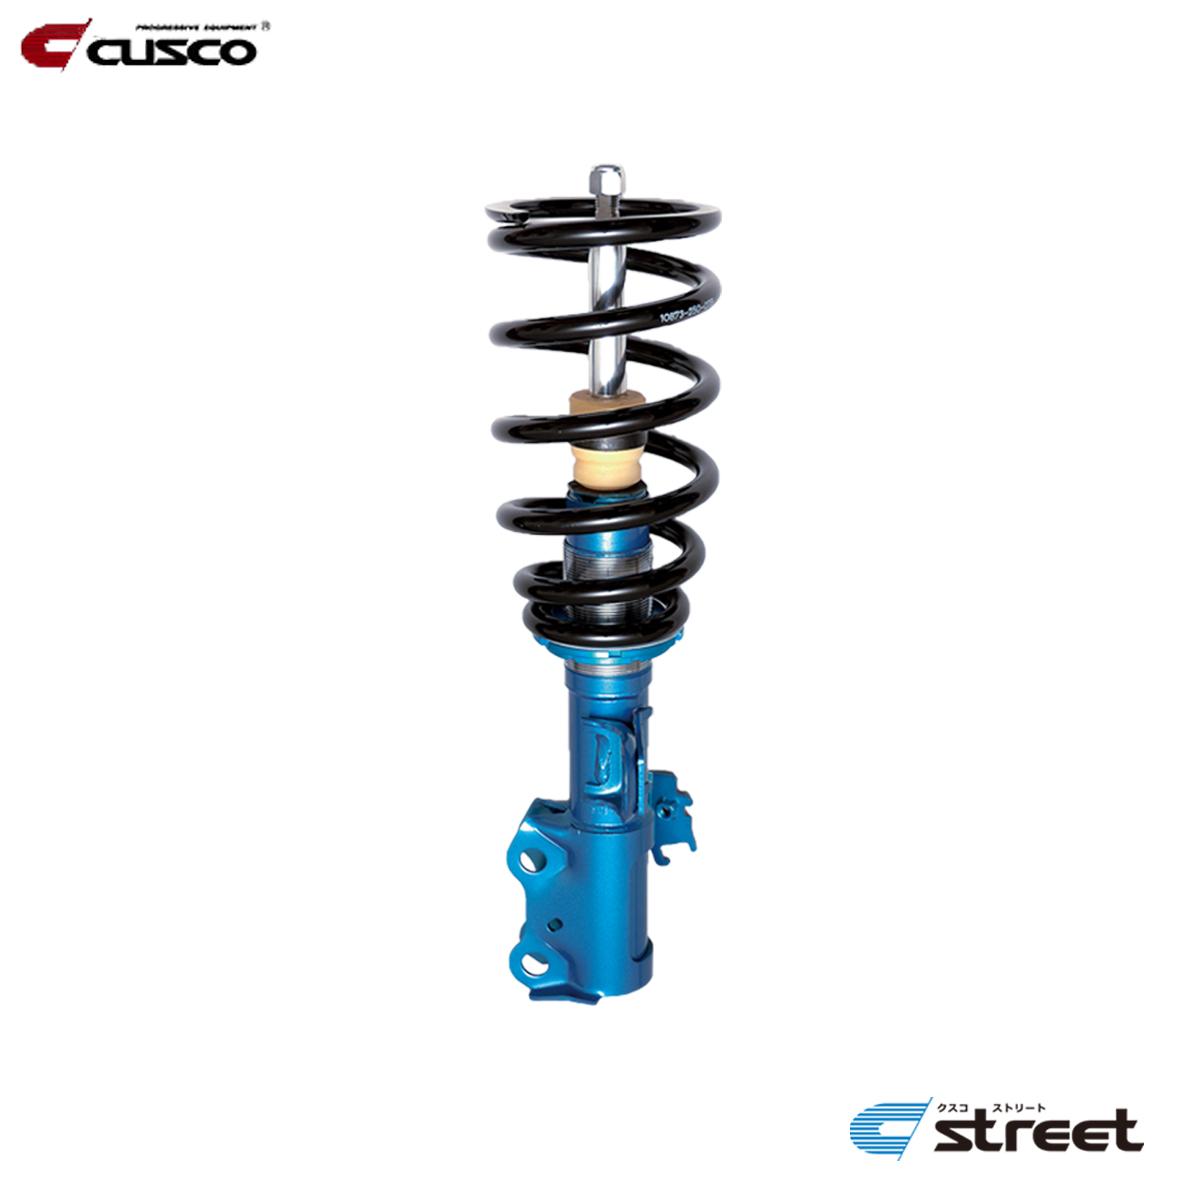 CUSCO クスコ ソリオ MA15S 車高調 全長固定式 642-62K-CBA